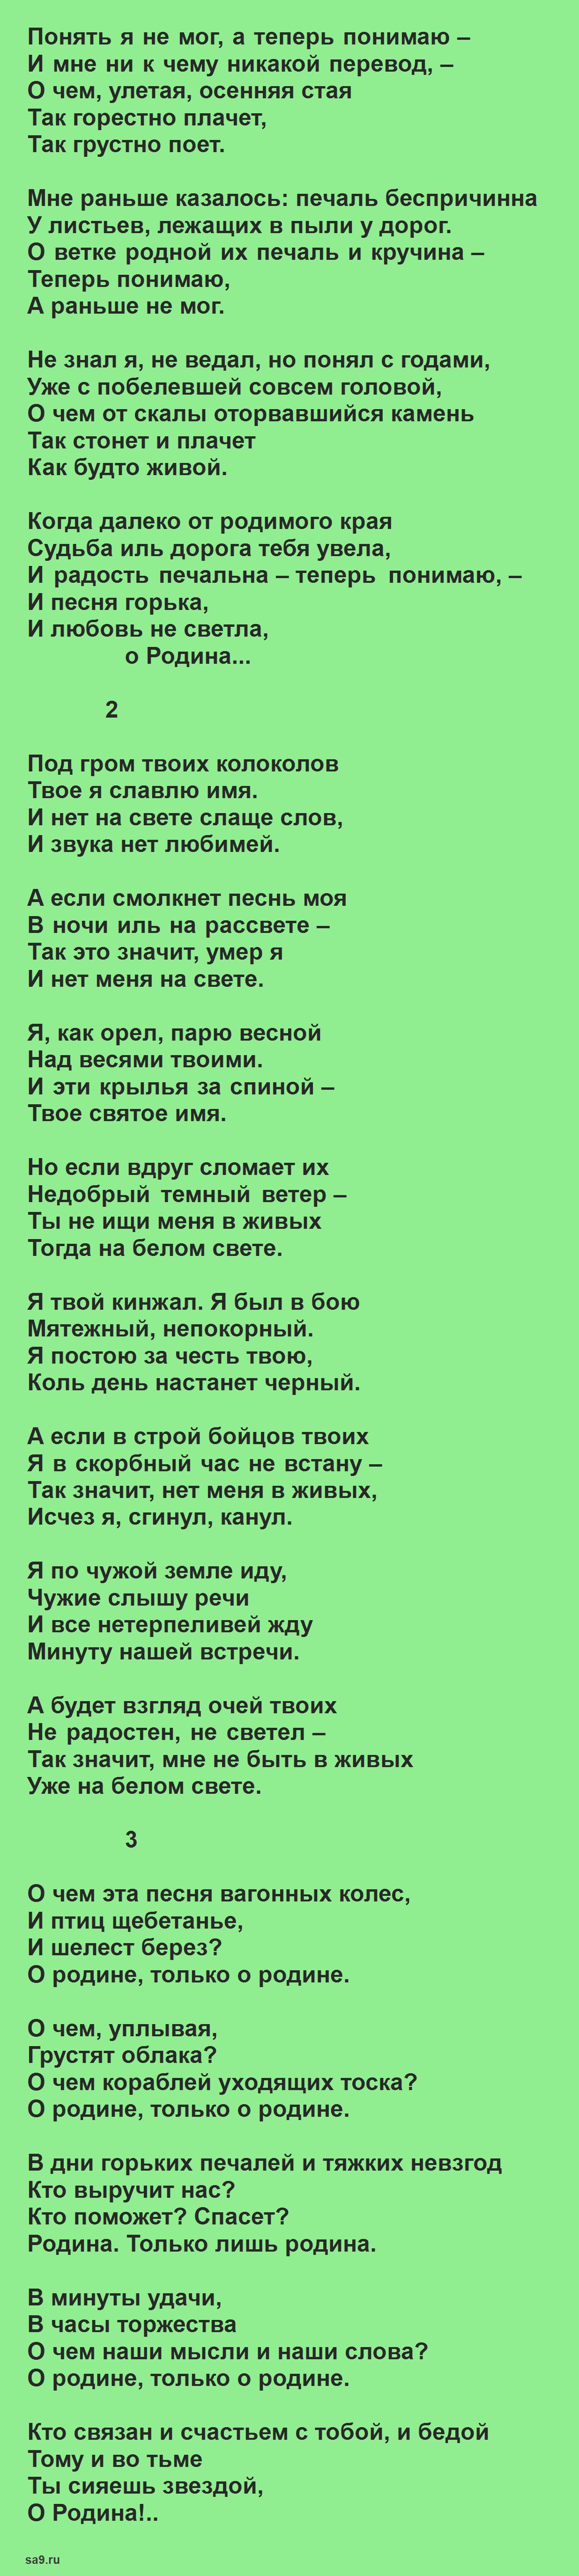 Стихи Гамзатова - О Родине